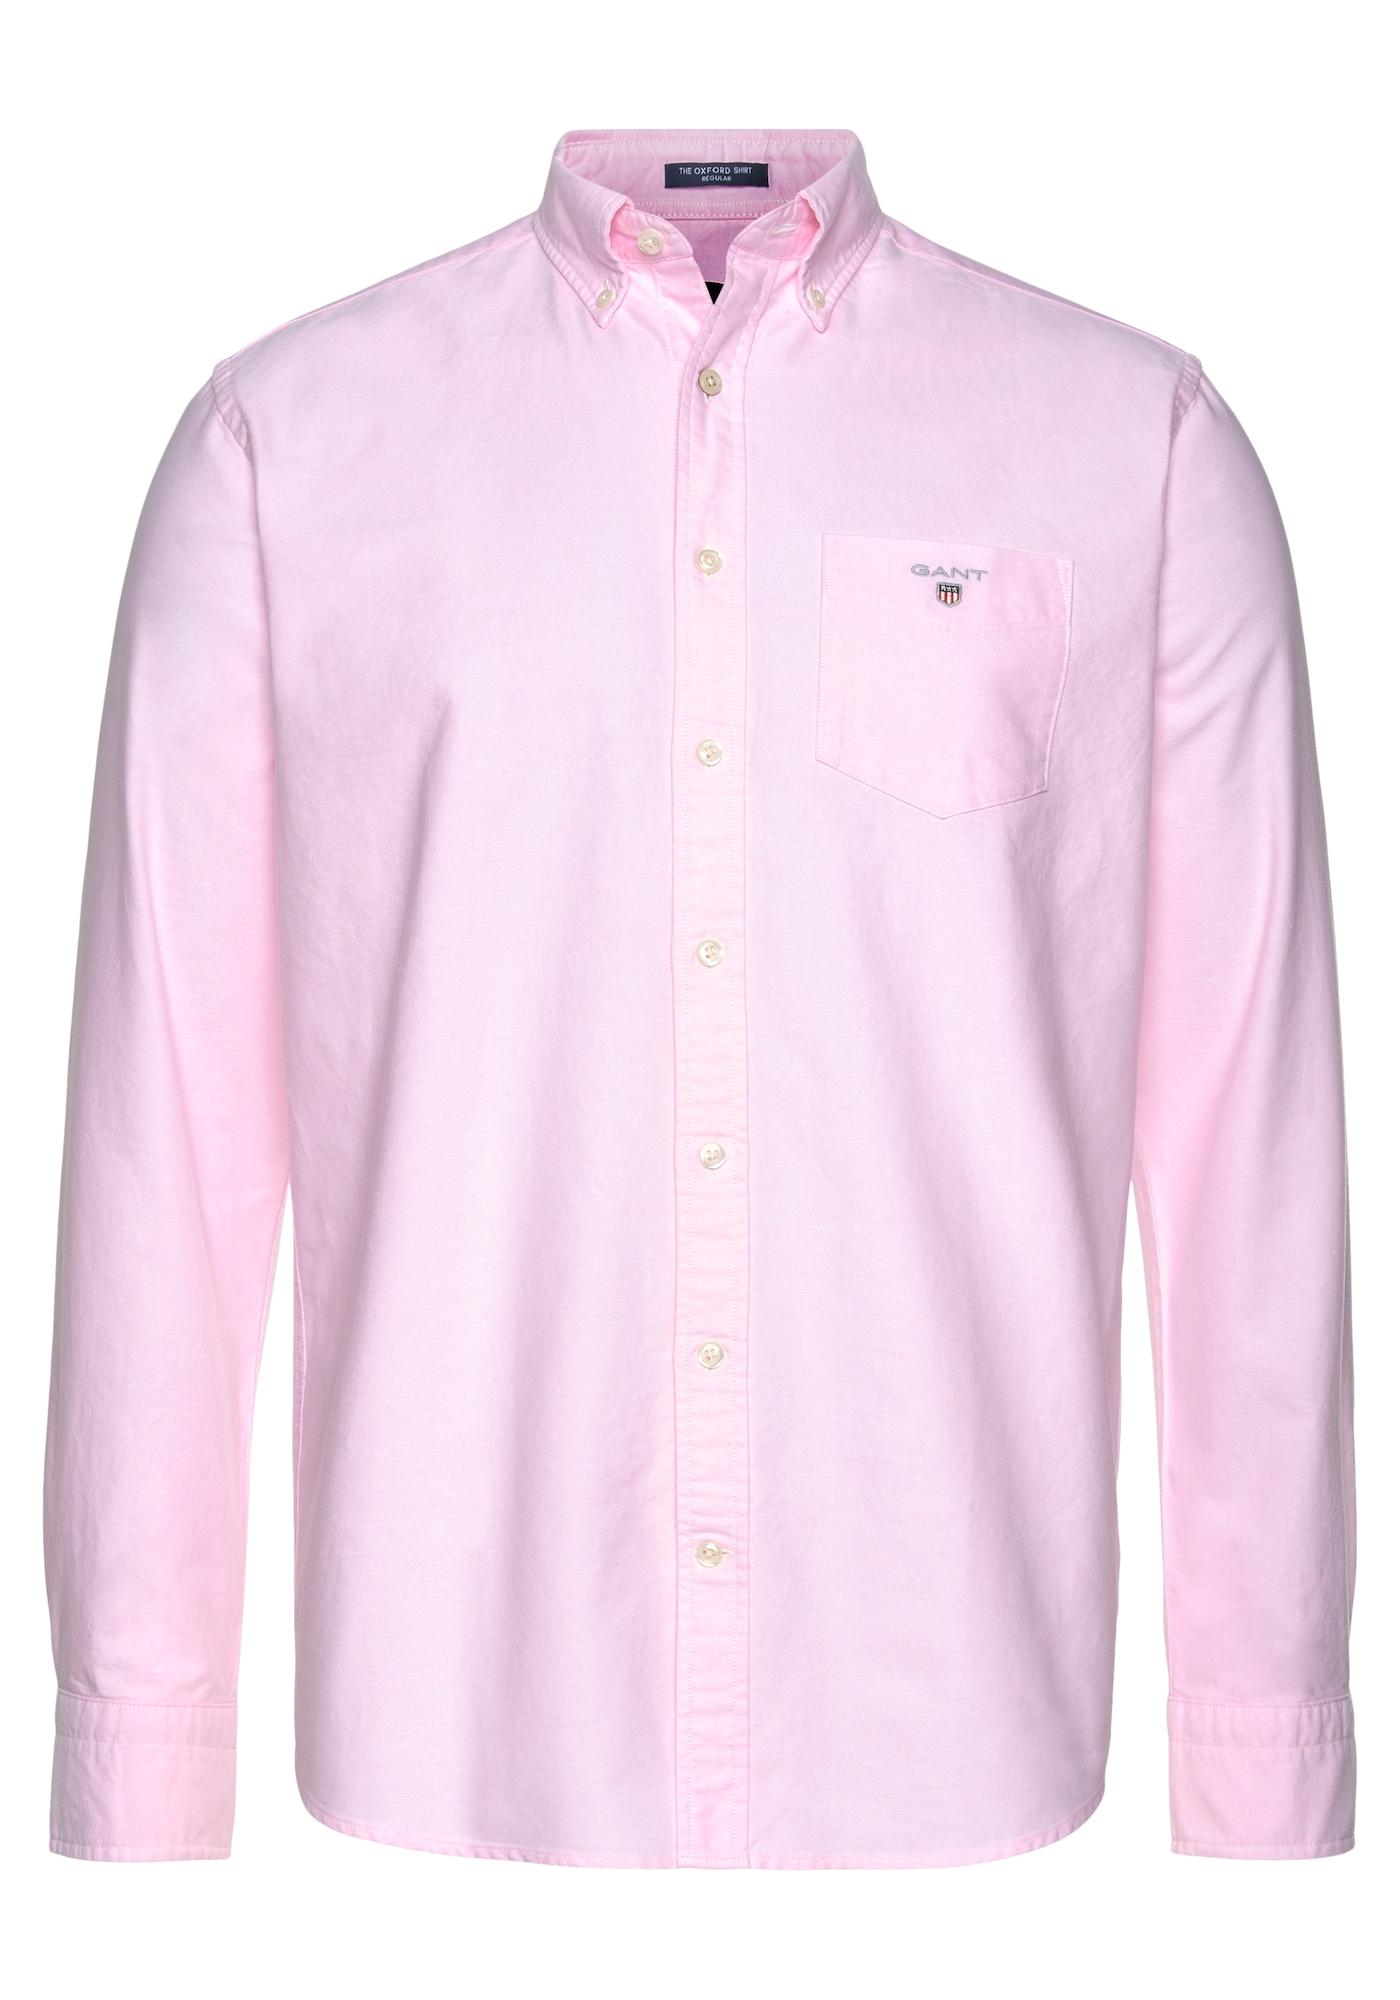 GANT Dalykinio stiliaus marškiniai rožių spalva